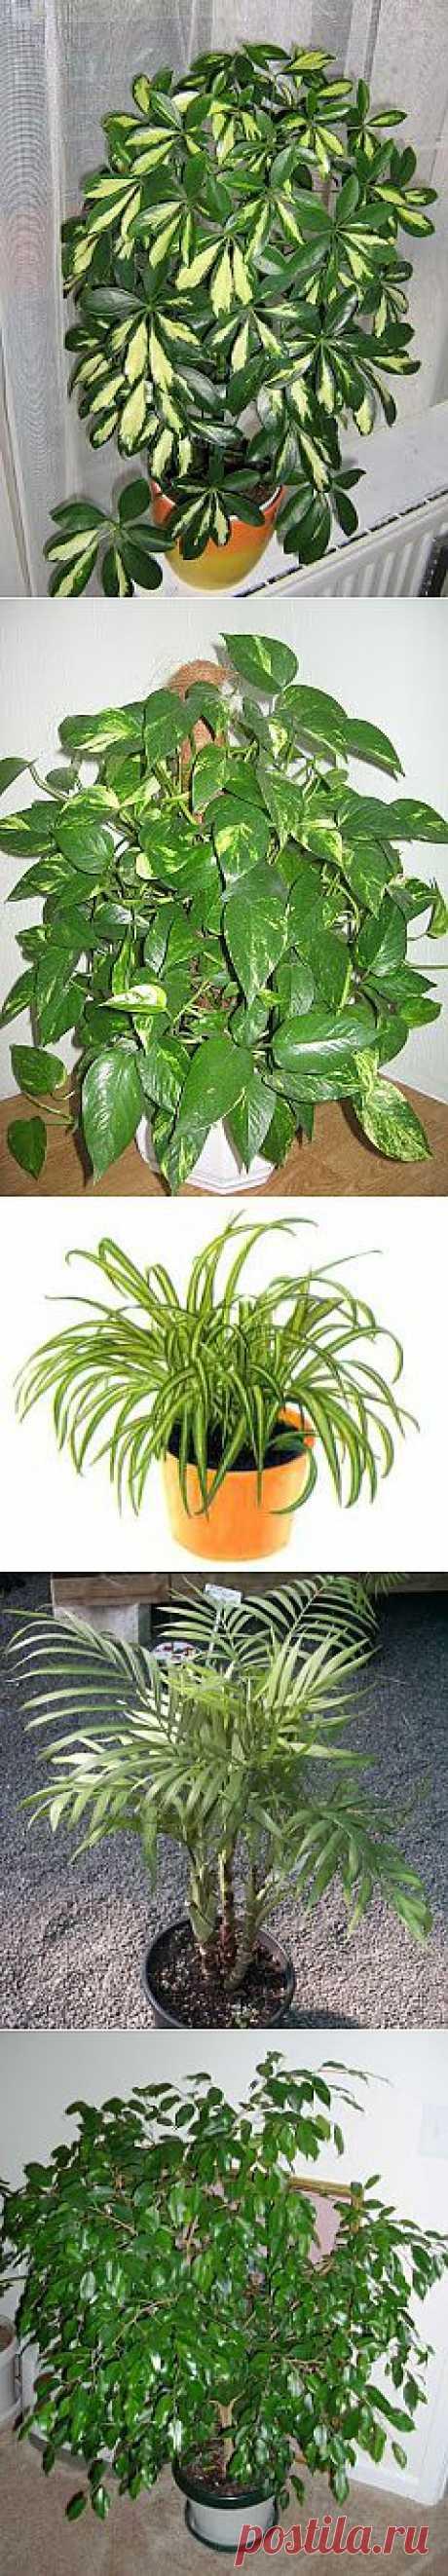 СПБ - Самый Полезный Блог: 7 растений которые освежают воздух лучше других